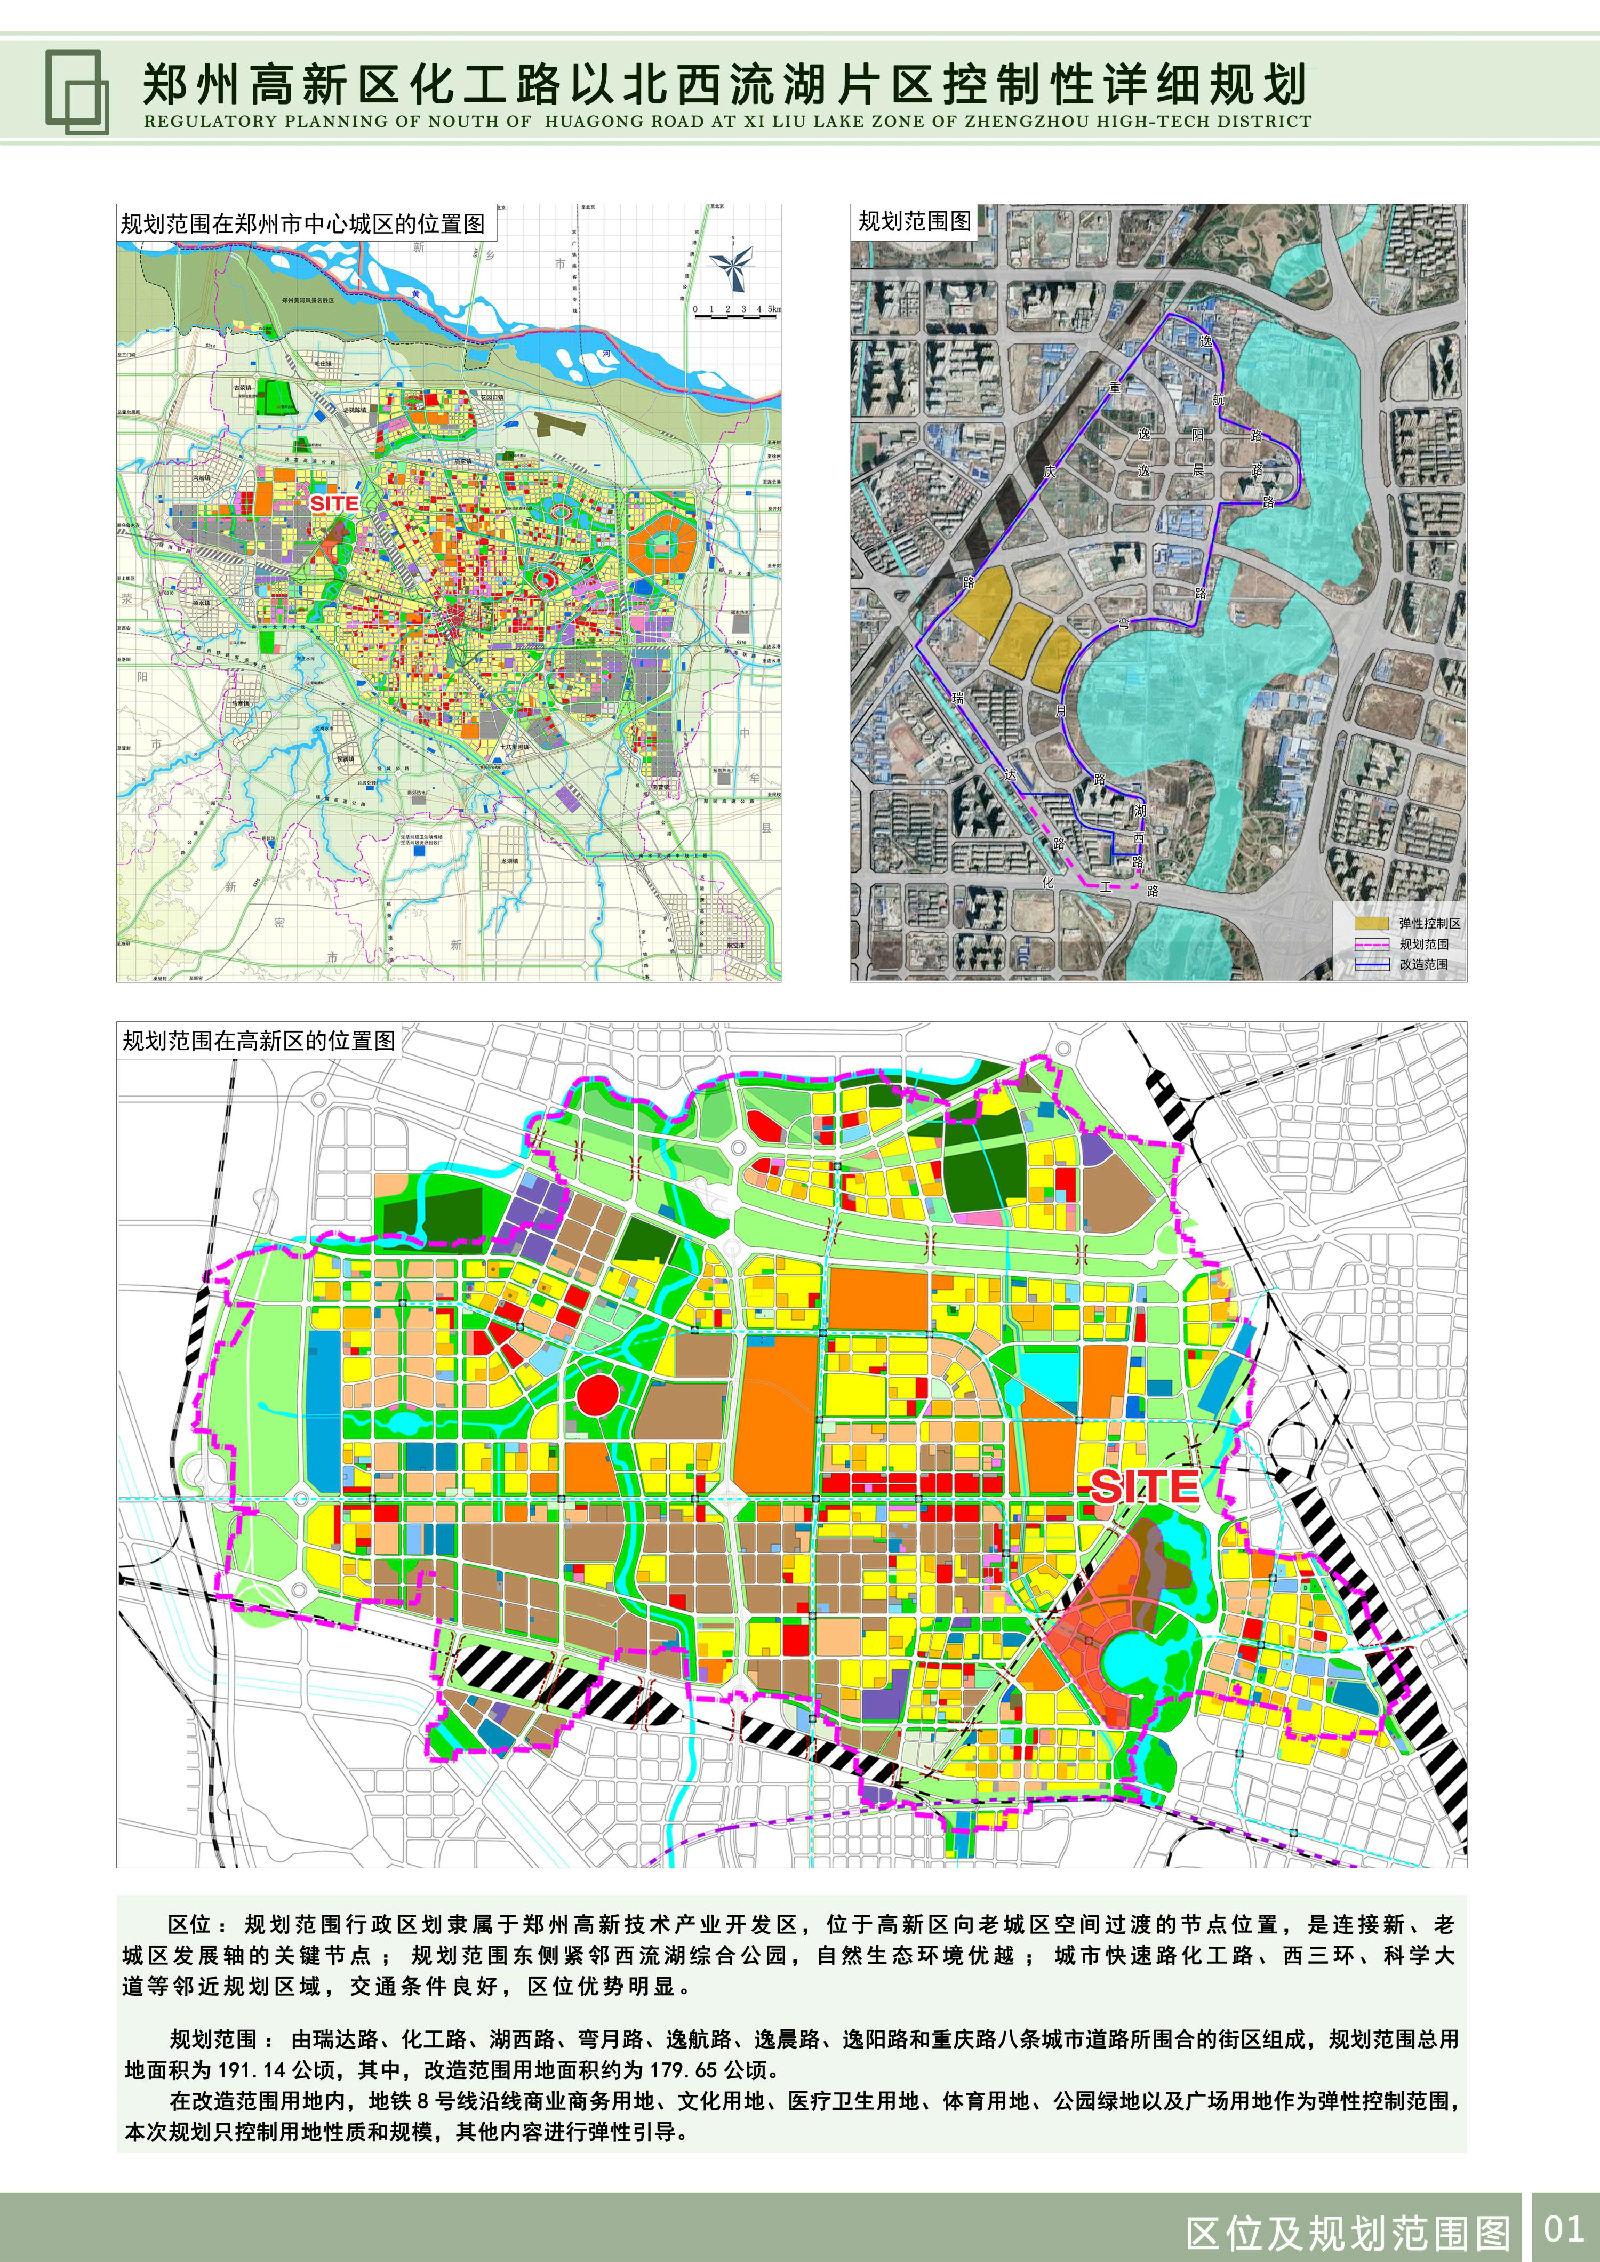 郑州高新区西流湖片区规划公示